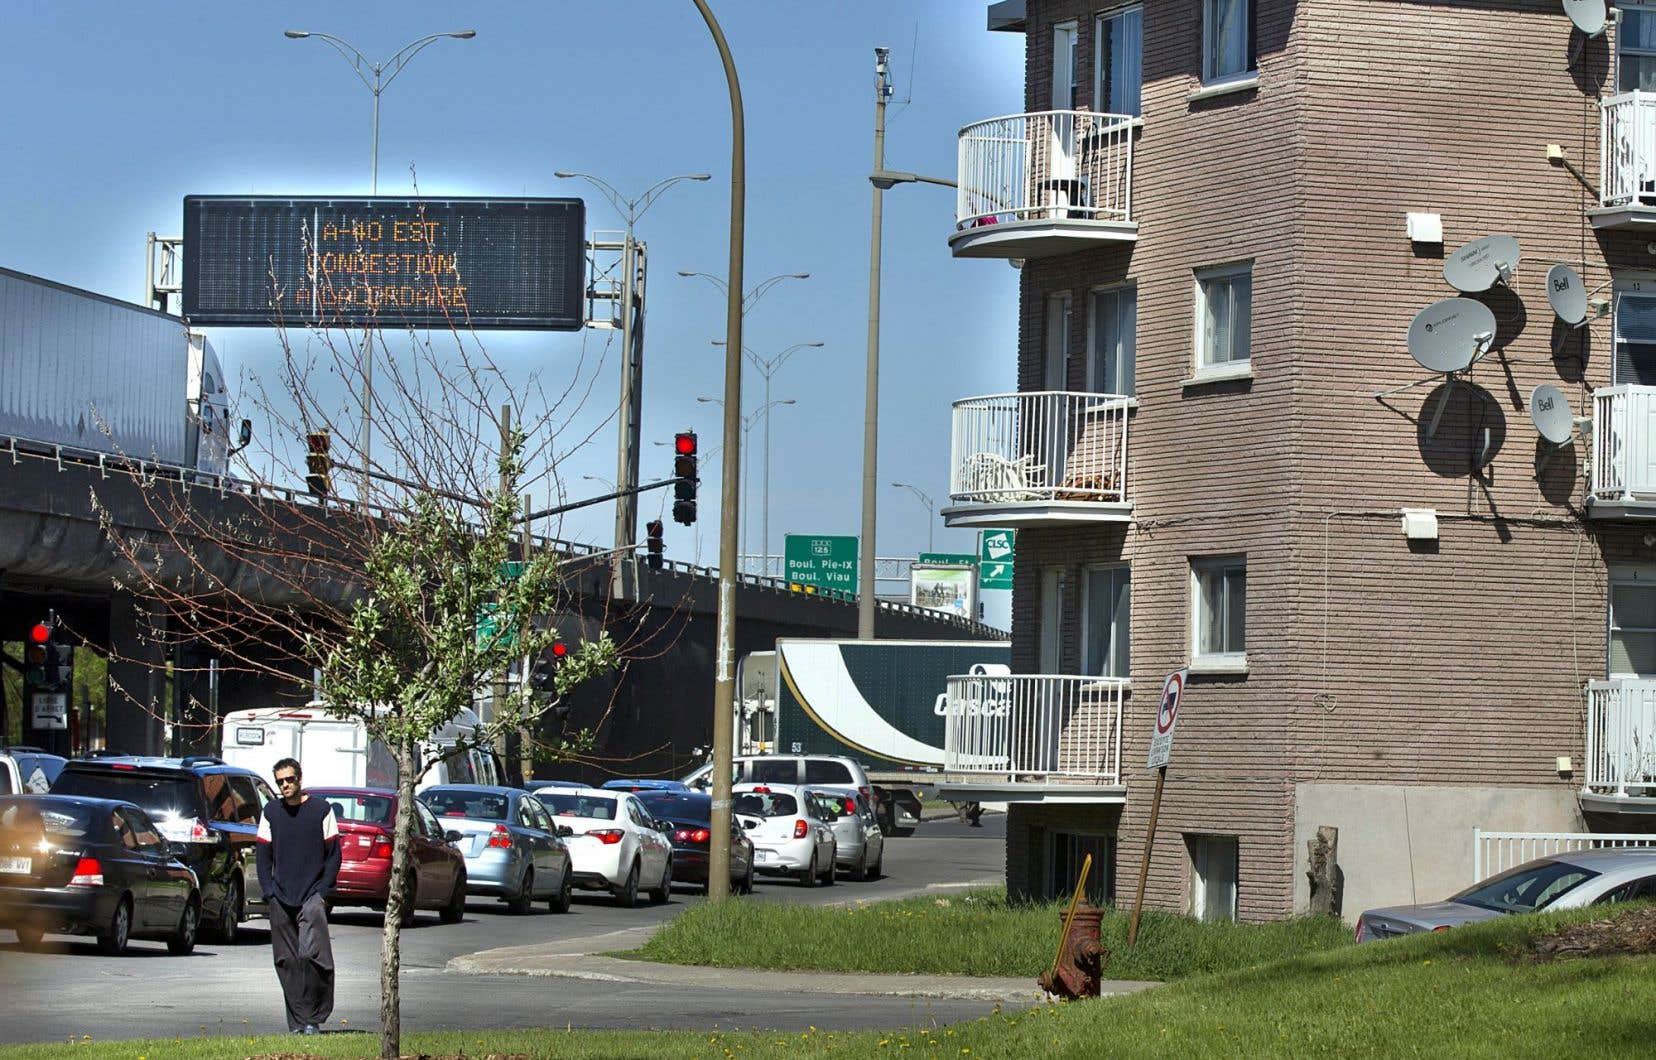 Traversés par des dizaines de milliers de véhicules chaque jour, les secteurs d'habitation aux abords des autoroutes et des grands boulevards contiennent les taux les plus élevés de monoxyde de carbone et d'oxyde d'azote. Le bruit est aussi un inconvénient majeur, qui altère la qualité de vie des résidants.